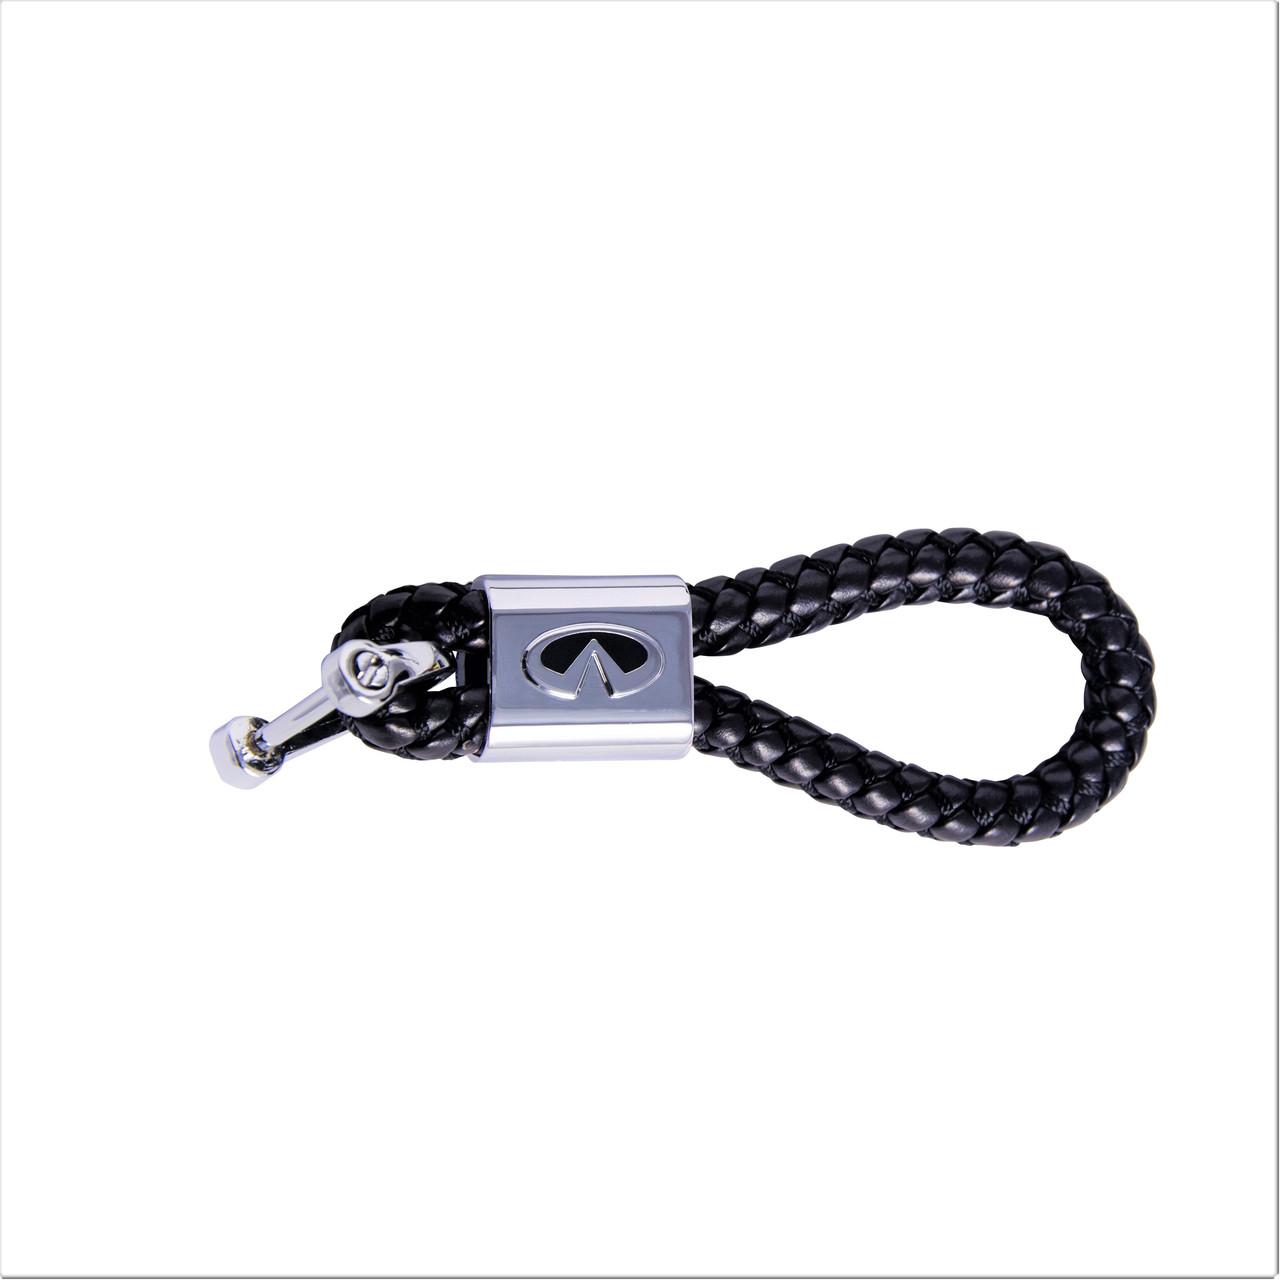 Кожаный брелок для Infiniti Luxury Черный (kb-275-blk-n-Infiniti)